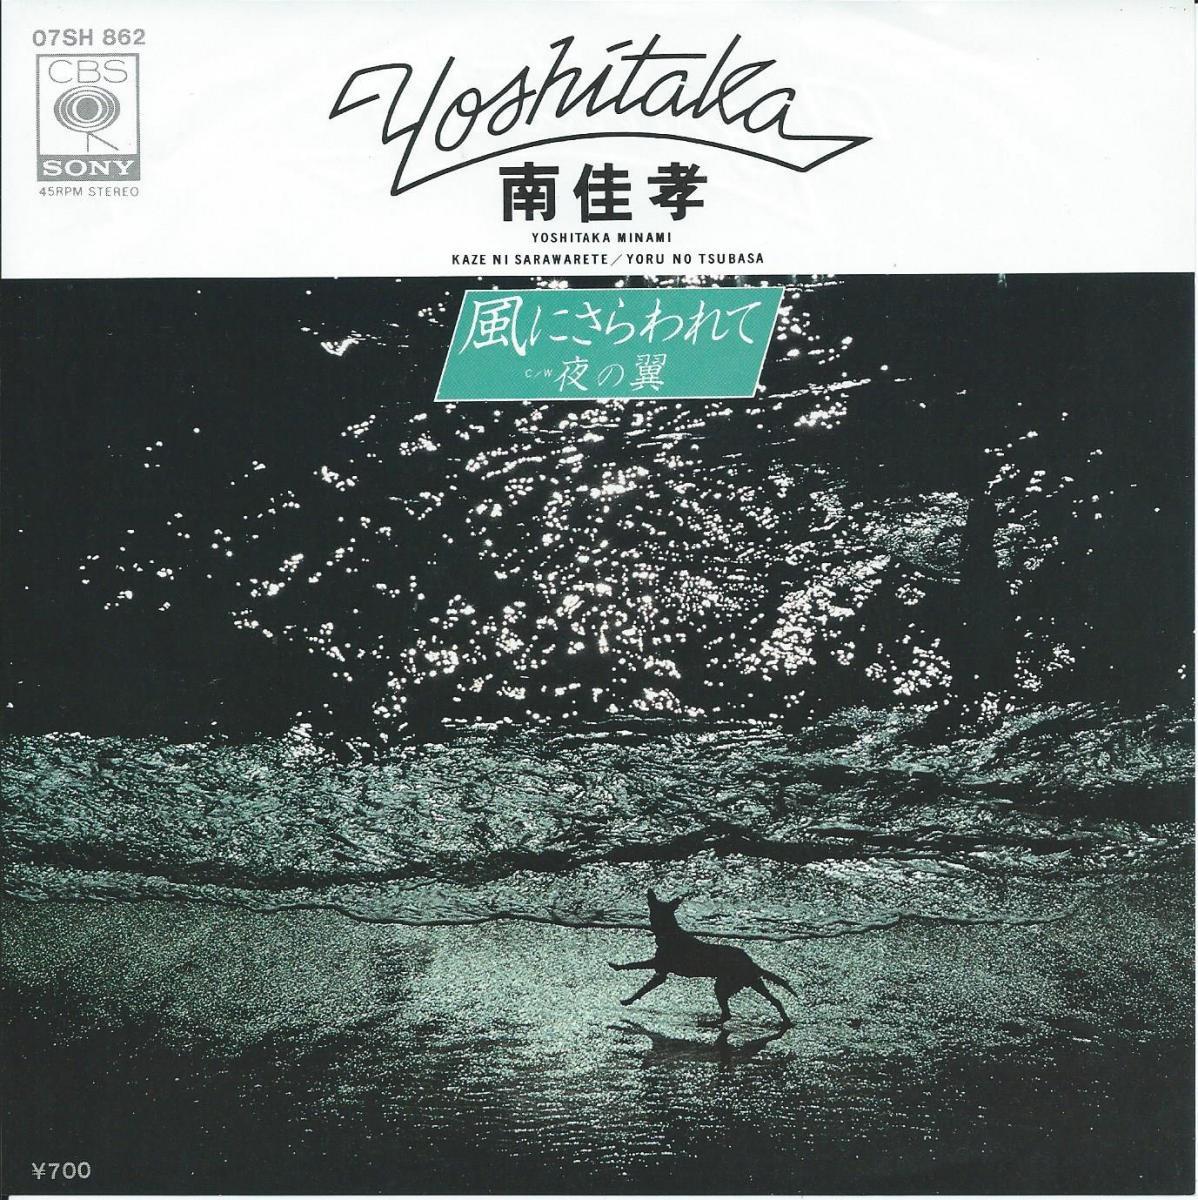 南佳孝 YOSHITAKA MINAMI / 風にさらわれて / 夜の翼 (7